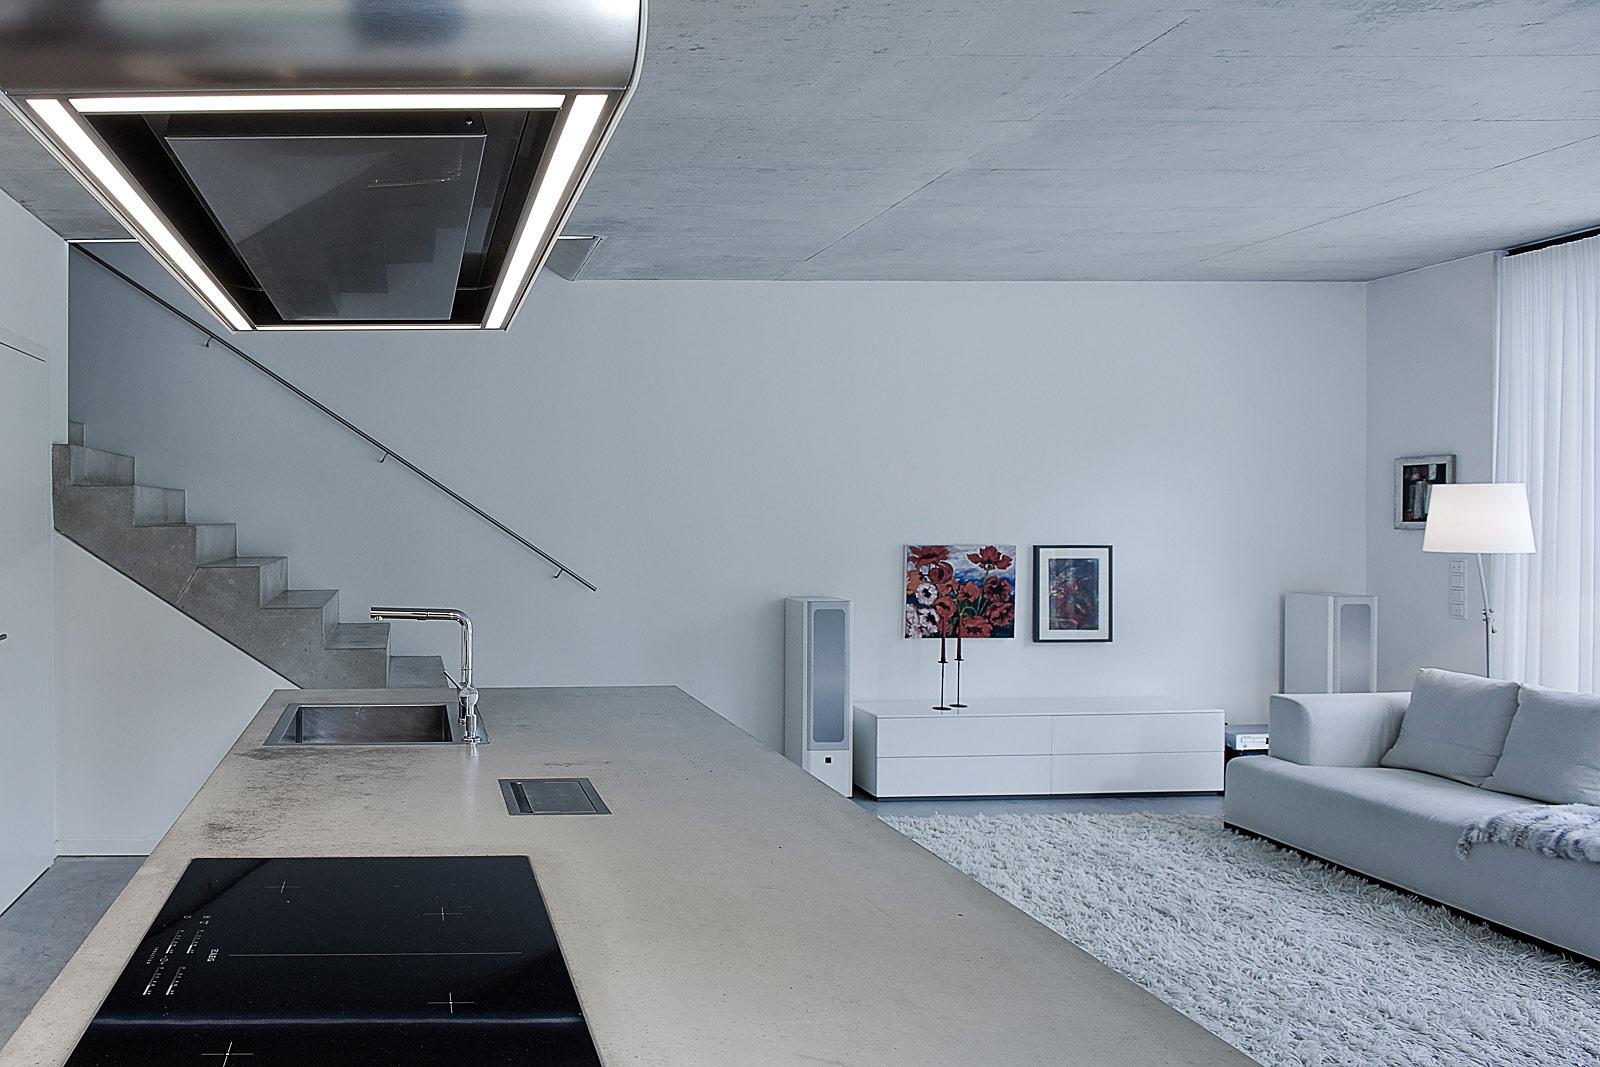 Architekturfotograf Einfamilienhaus, Kutschker & Leischner Architekten, Architekturfotograf in Starnberg